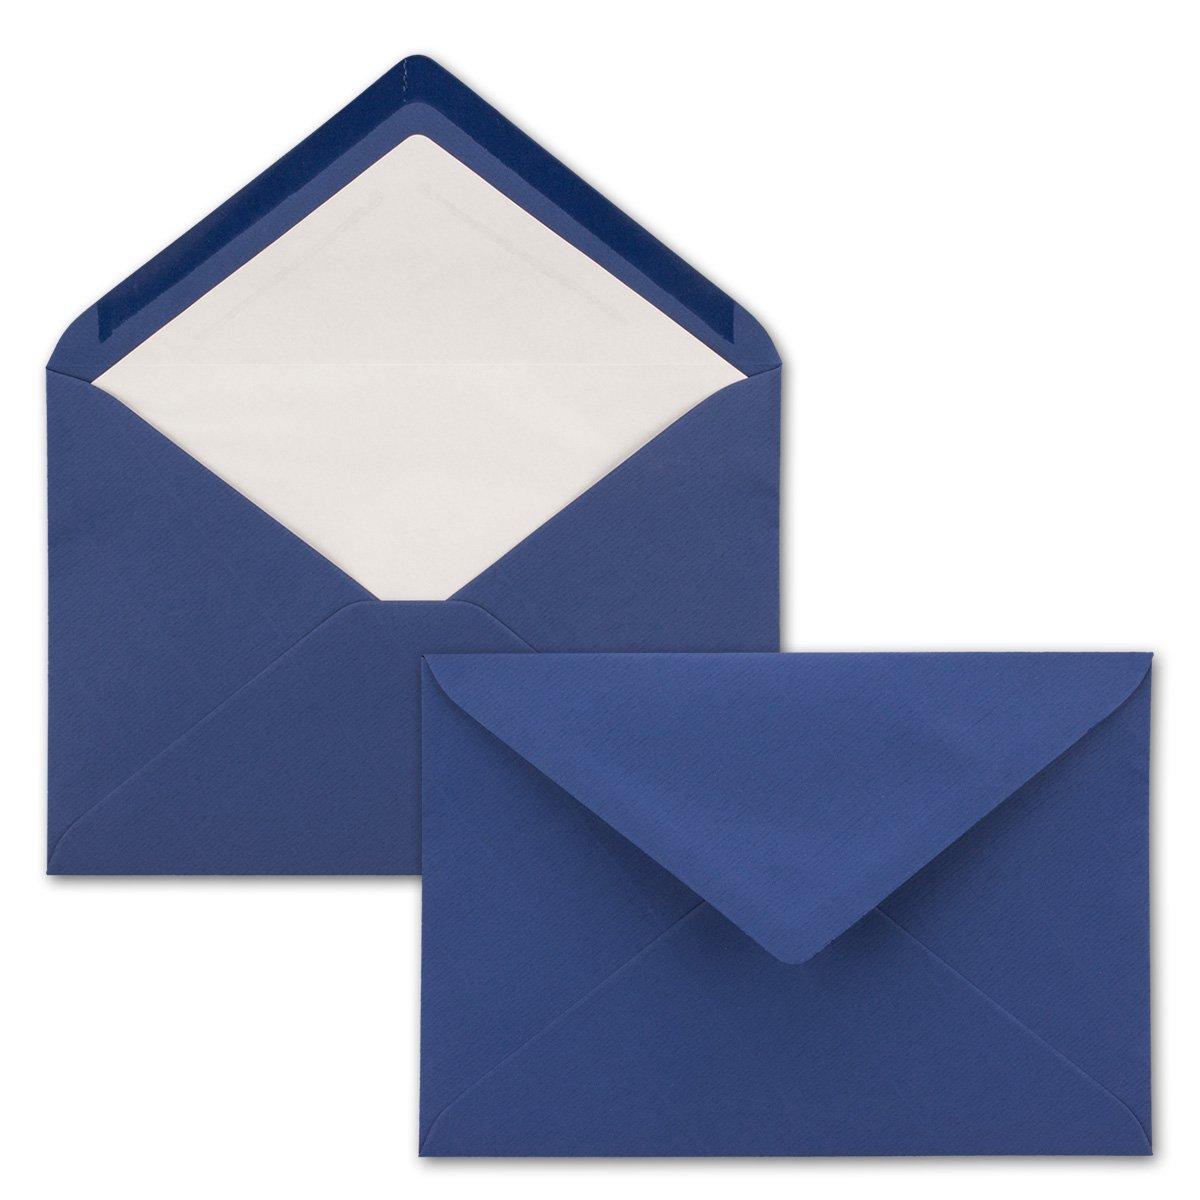 500x Brief-Umschläge C5 - Weiß - gefüttert mit grauem Seidenpapier - 100 g m² - 229 x 162 mm - Nassklebung - Qualitätsmarke  NEUSER FarbenFroh B07H8HVMTJ | Ermäßigung  | Ideales Geschenk für alle Gelegenheiten  | Sale Online Sh